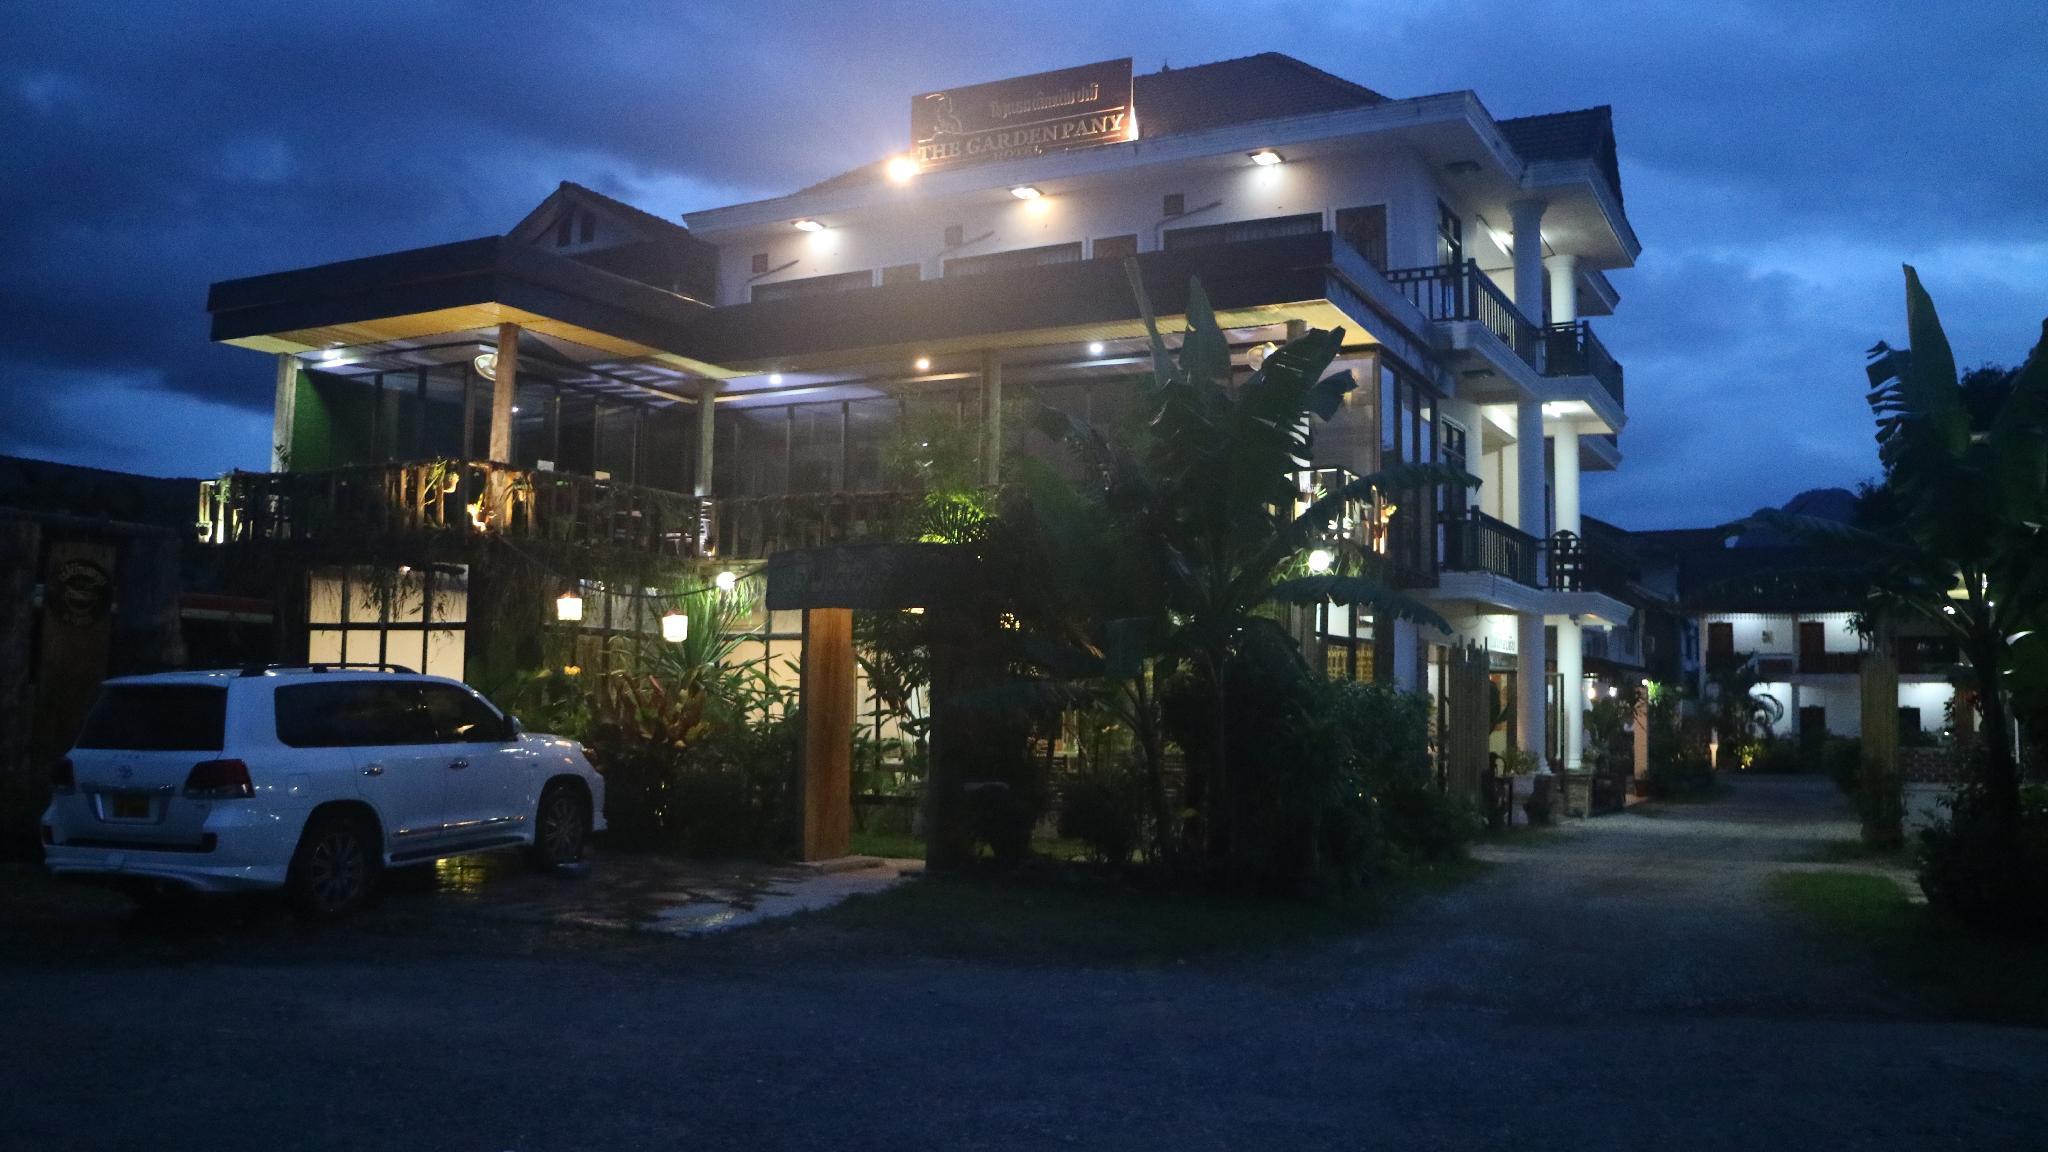 The Garden Pany Hotel